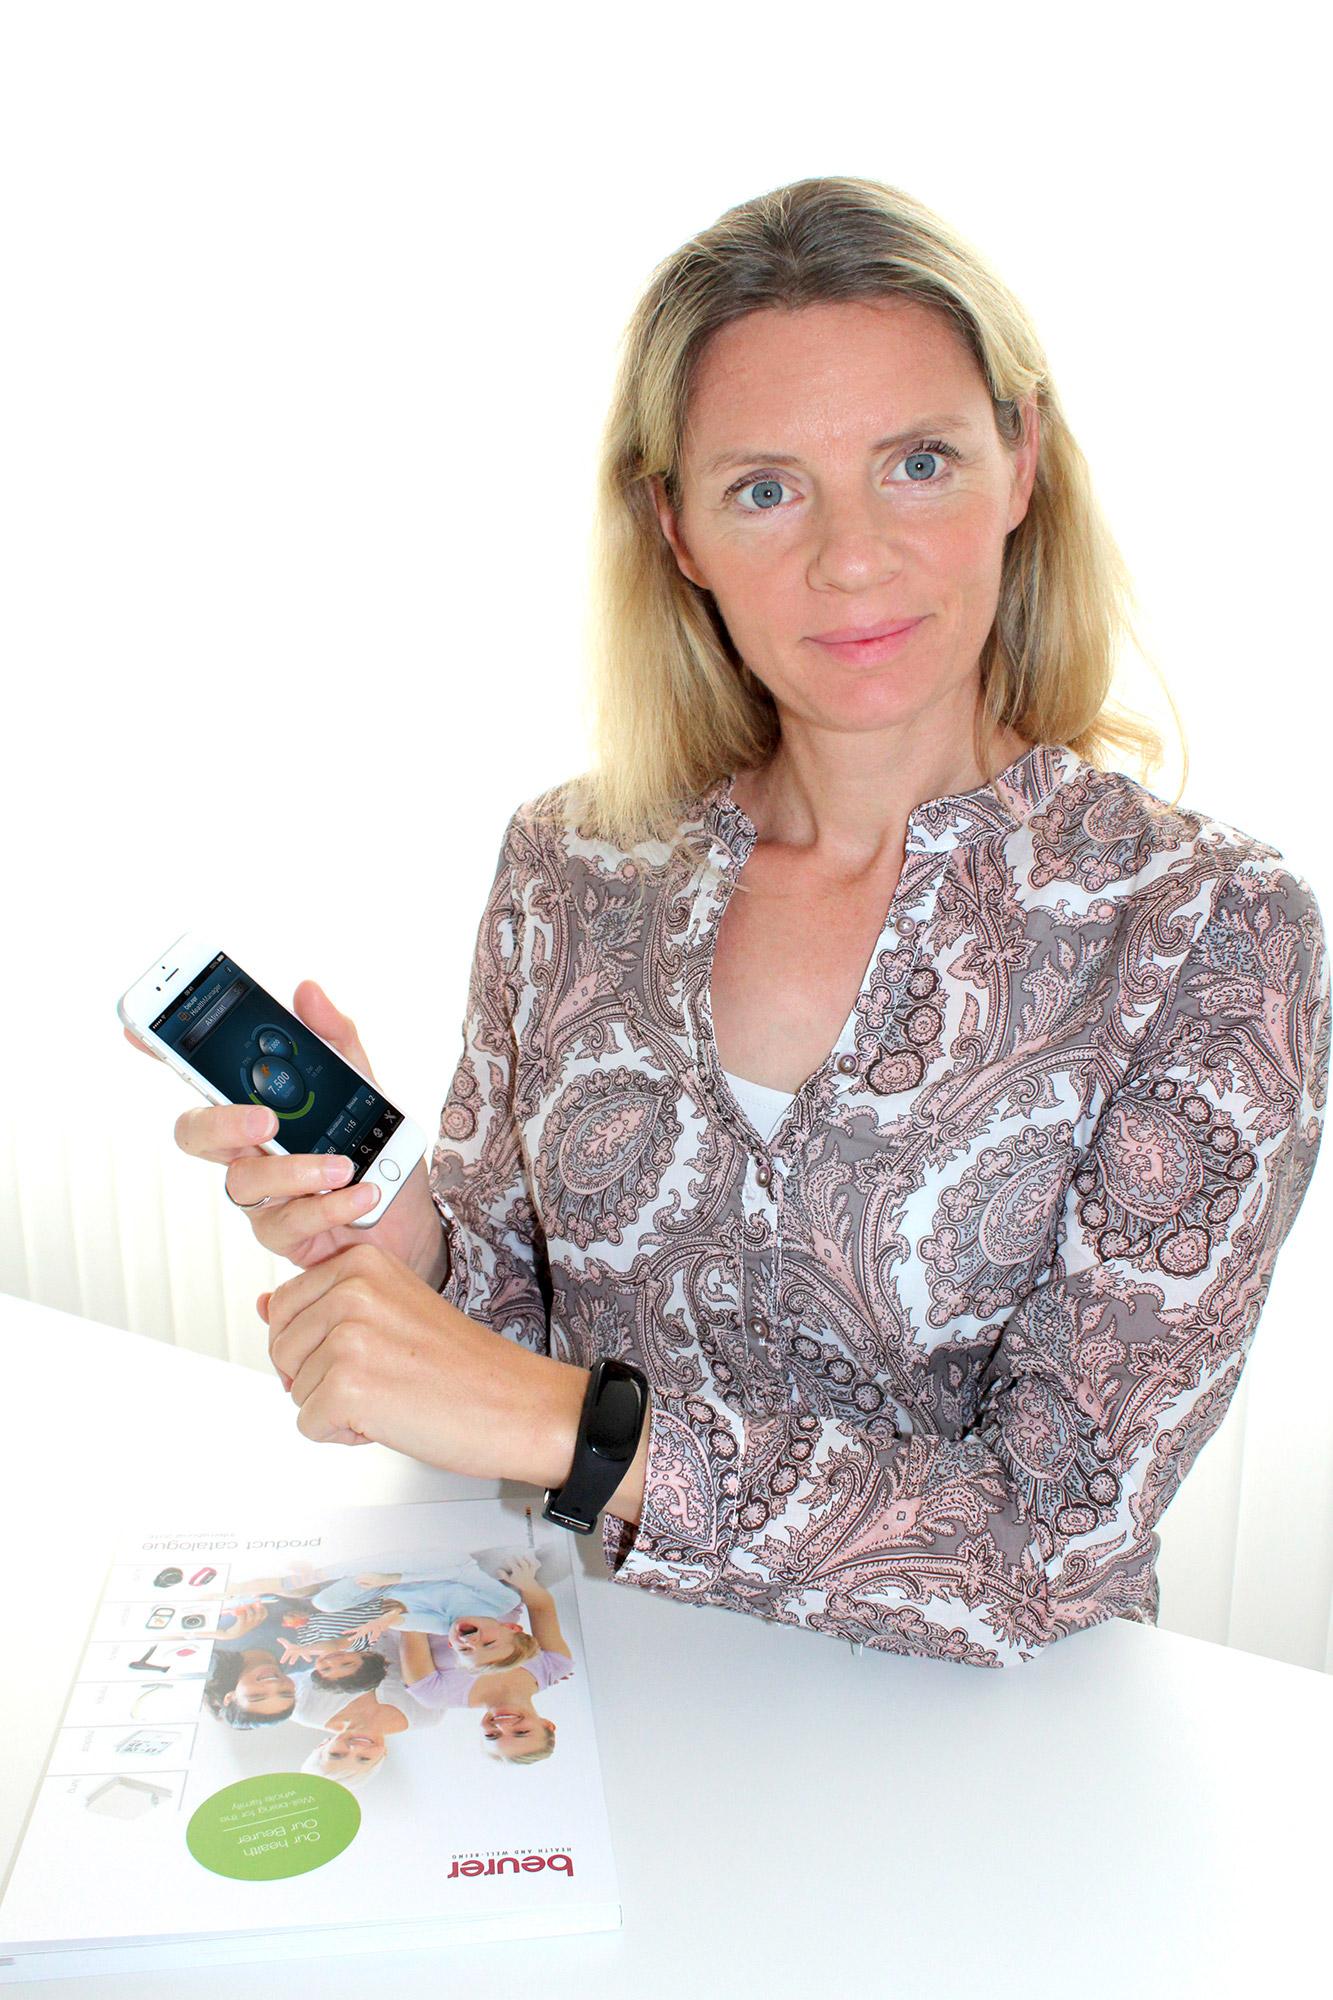 Beurer Marketingleiterin Kerstin Glanzer nutzt bereits den neuen Aktivitätssensor AS 95, der die Daten an die HealthManager App von Beurer senden kann.